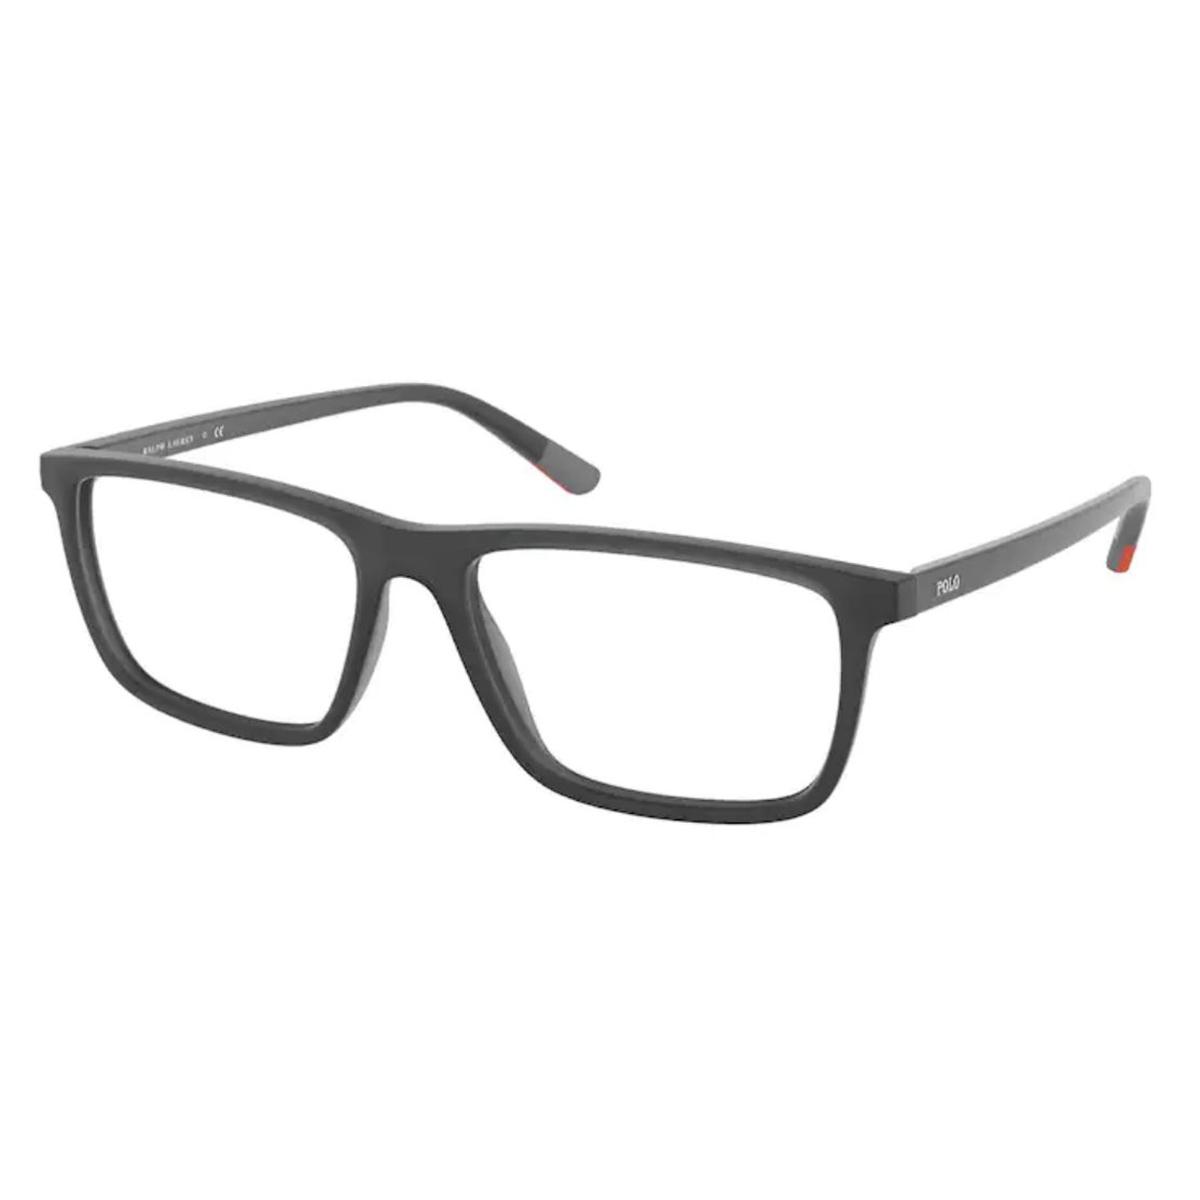 Óculos de Grau Polo Ralph Lauren PH2229 Cinza Fosco